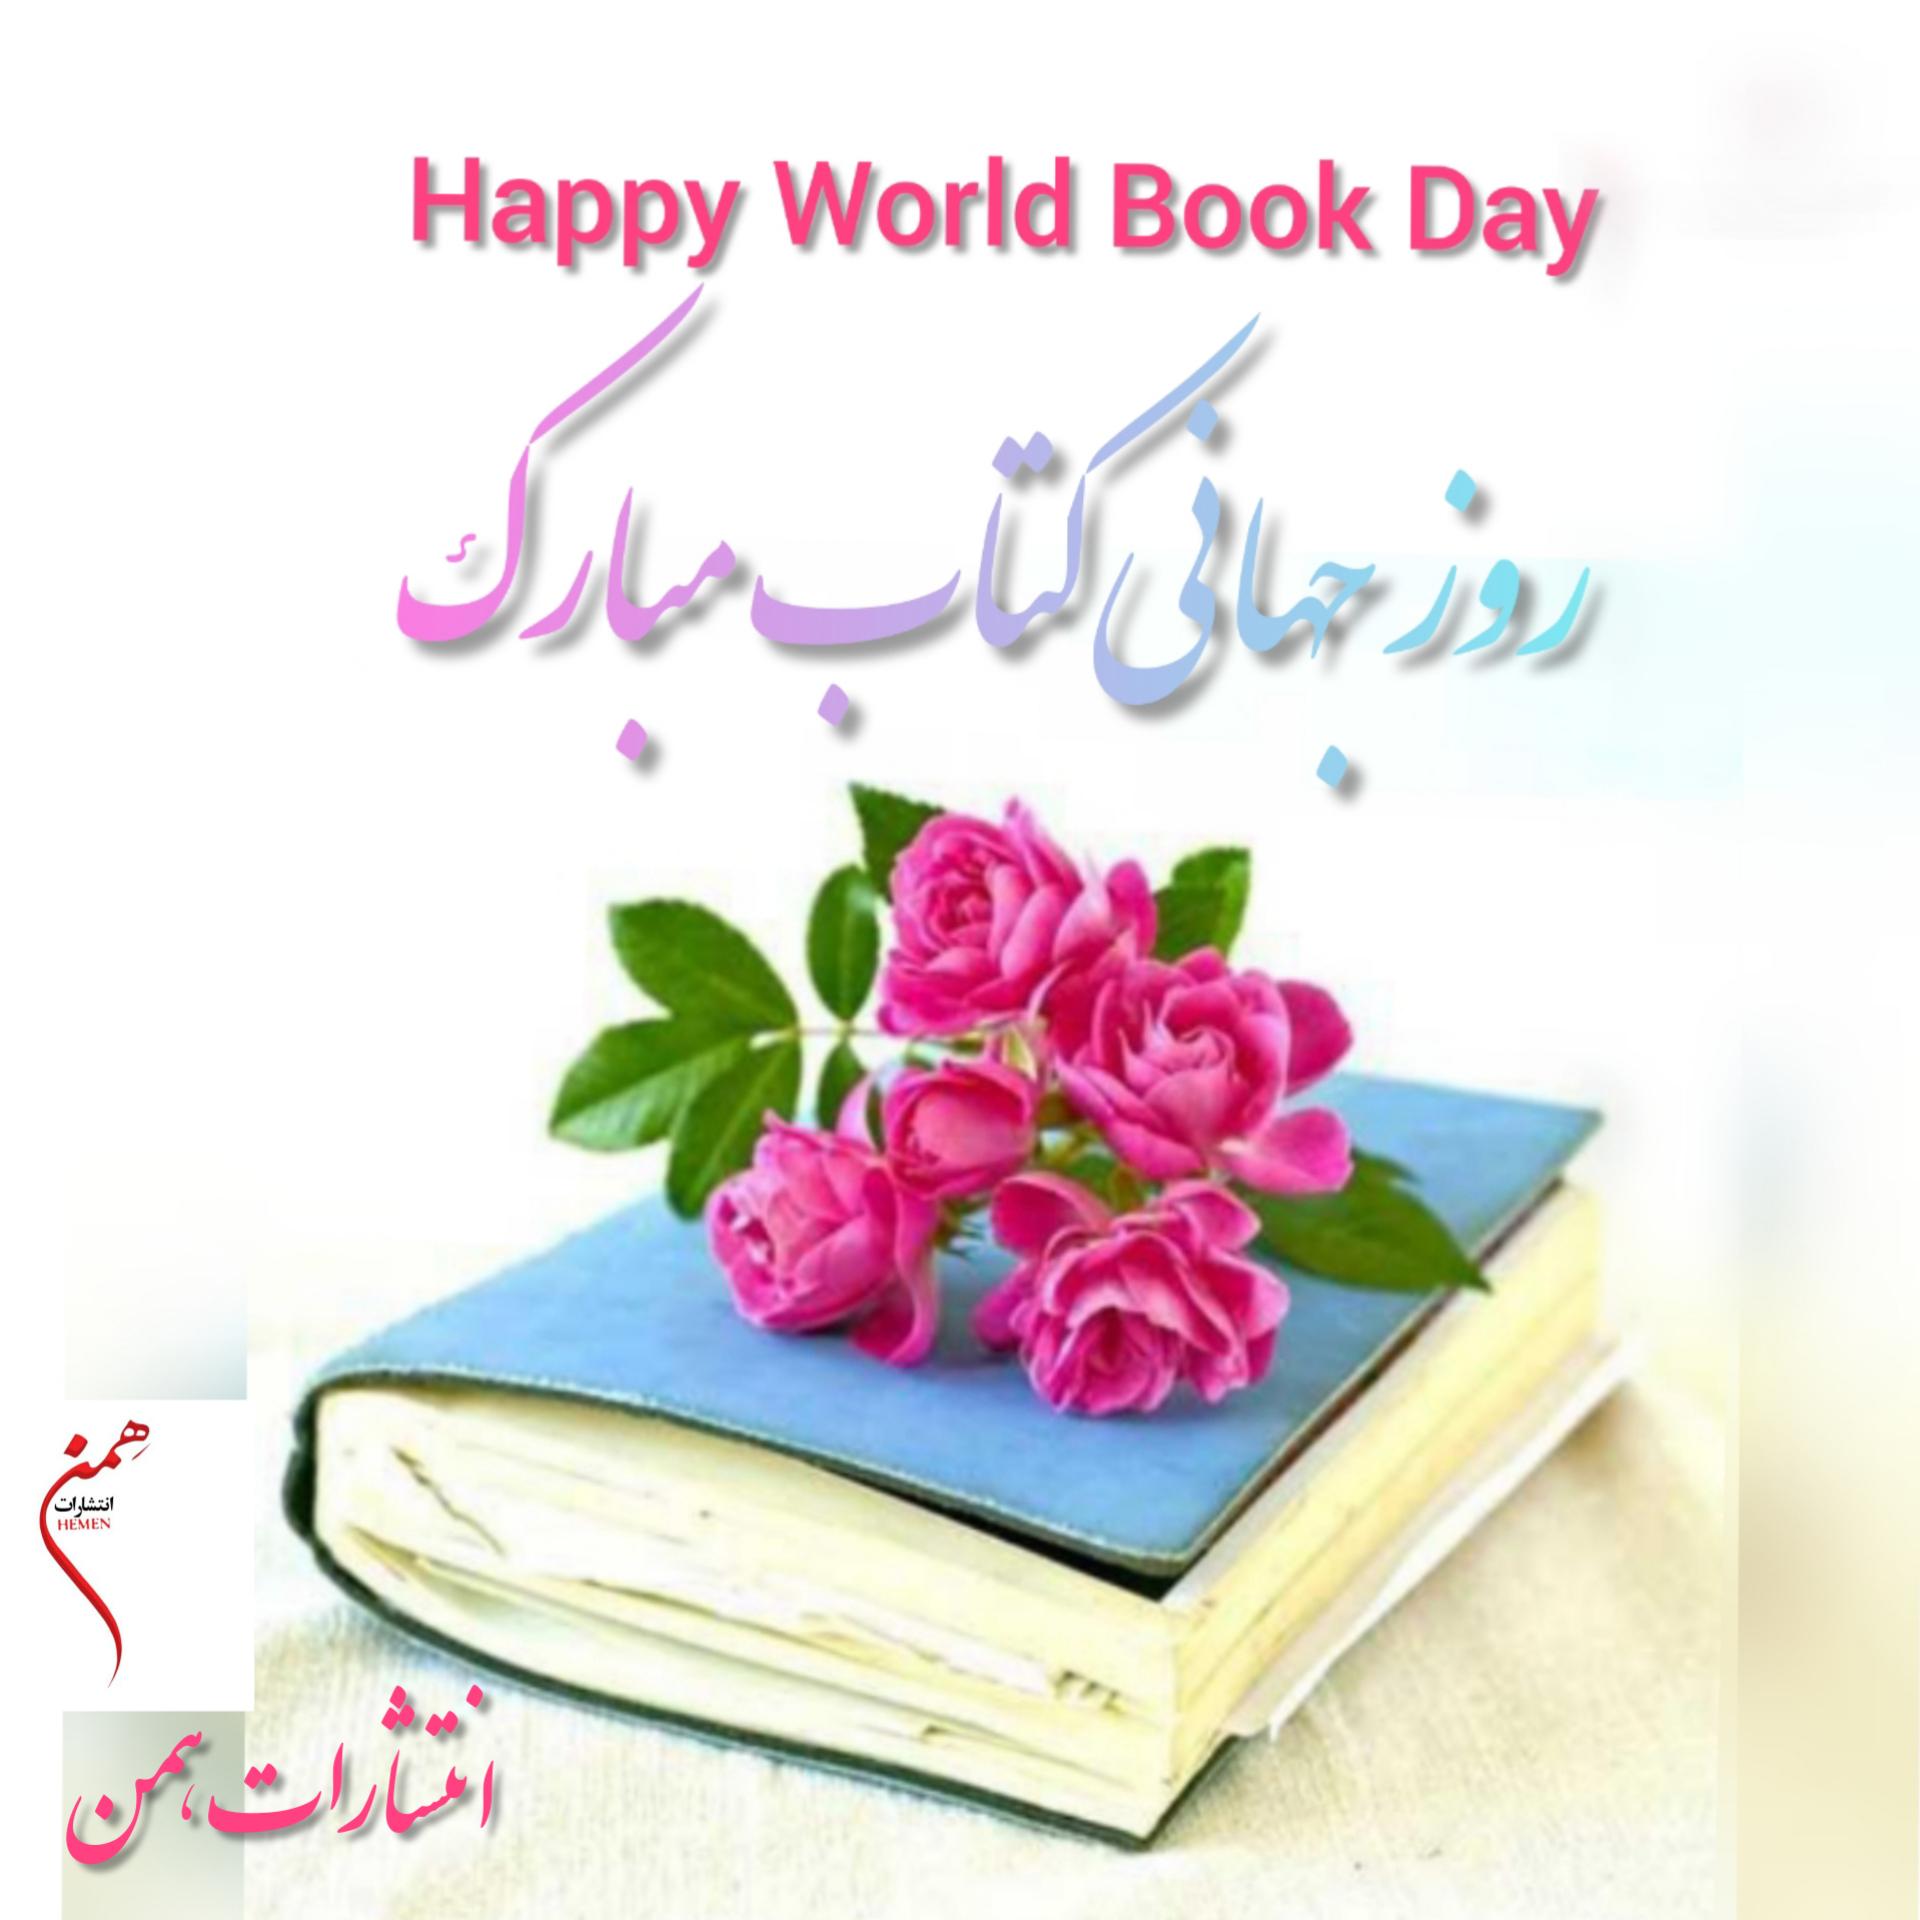 روز جهانی کتاب سال ۲۰۲۱/ ۱۴۰۰